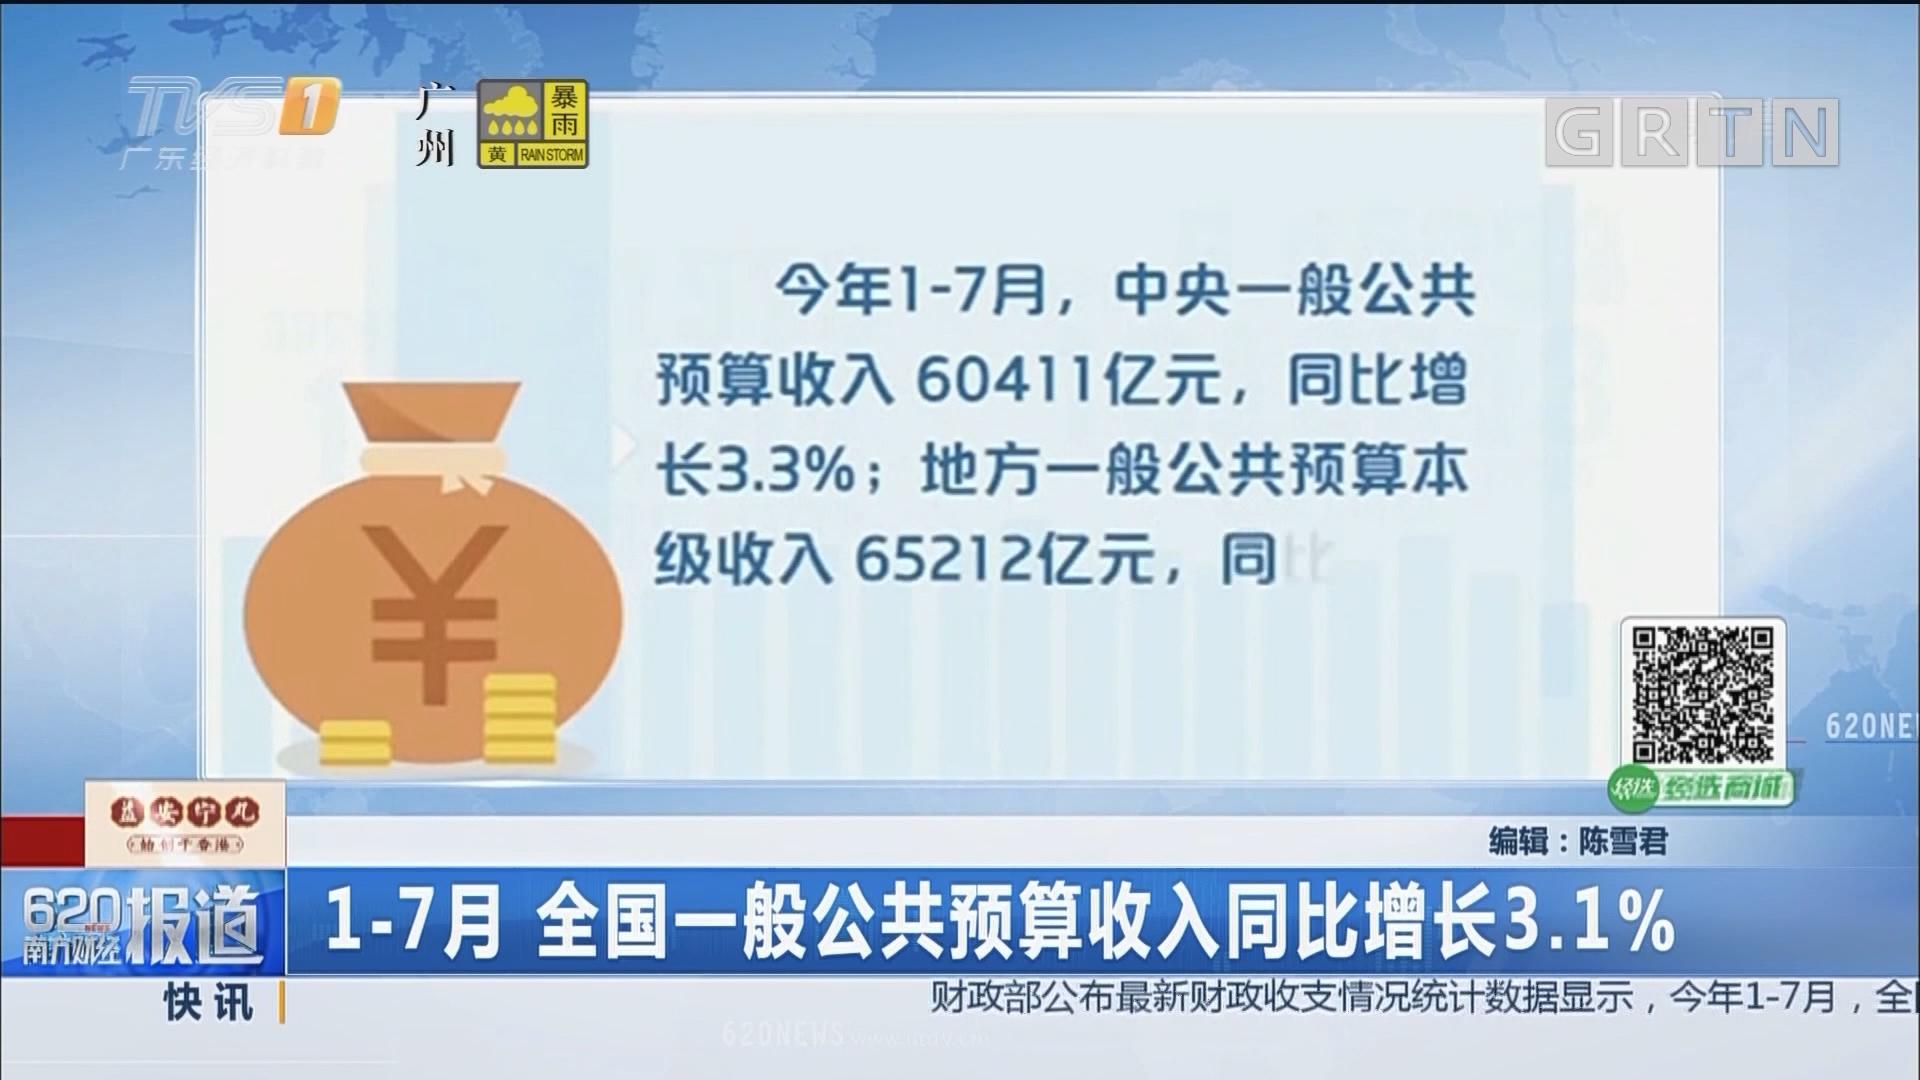 1-7月 全国一般公共预算收入同比增长3.1%